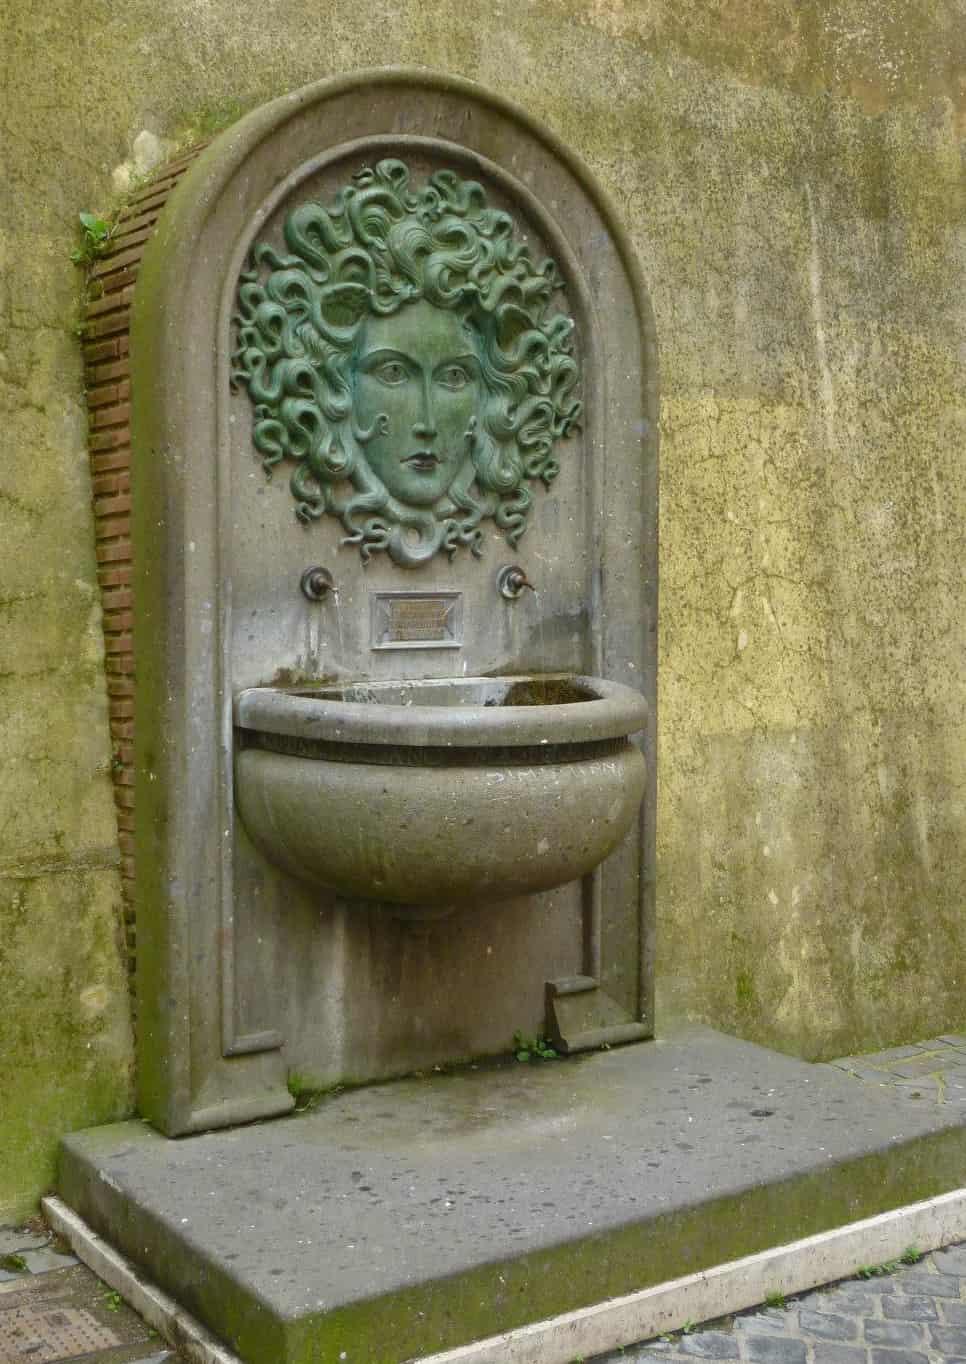 Fontana a vasca a muro che raffigura la testa di Medusa con due rubinetti